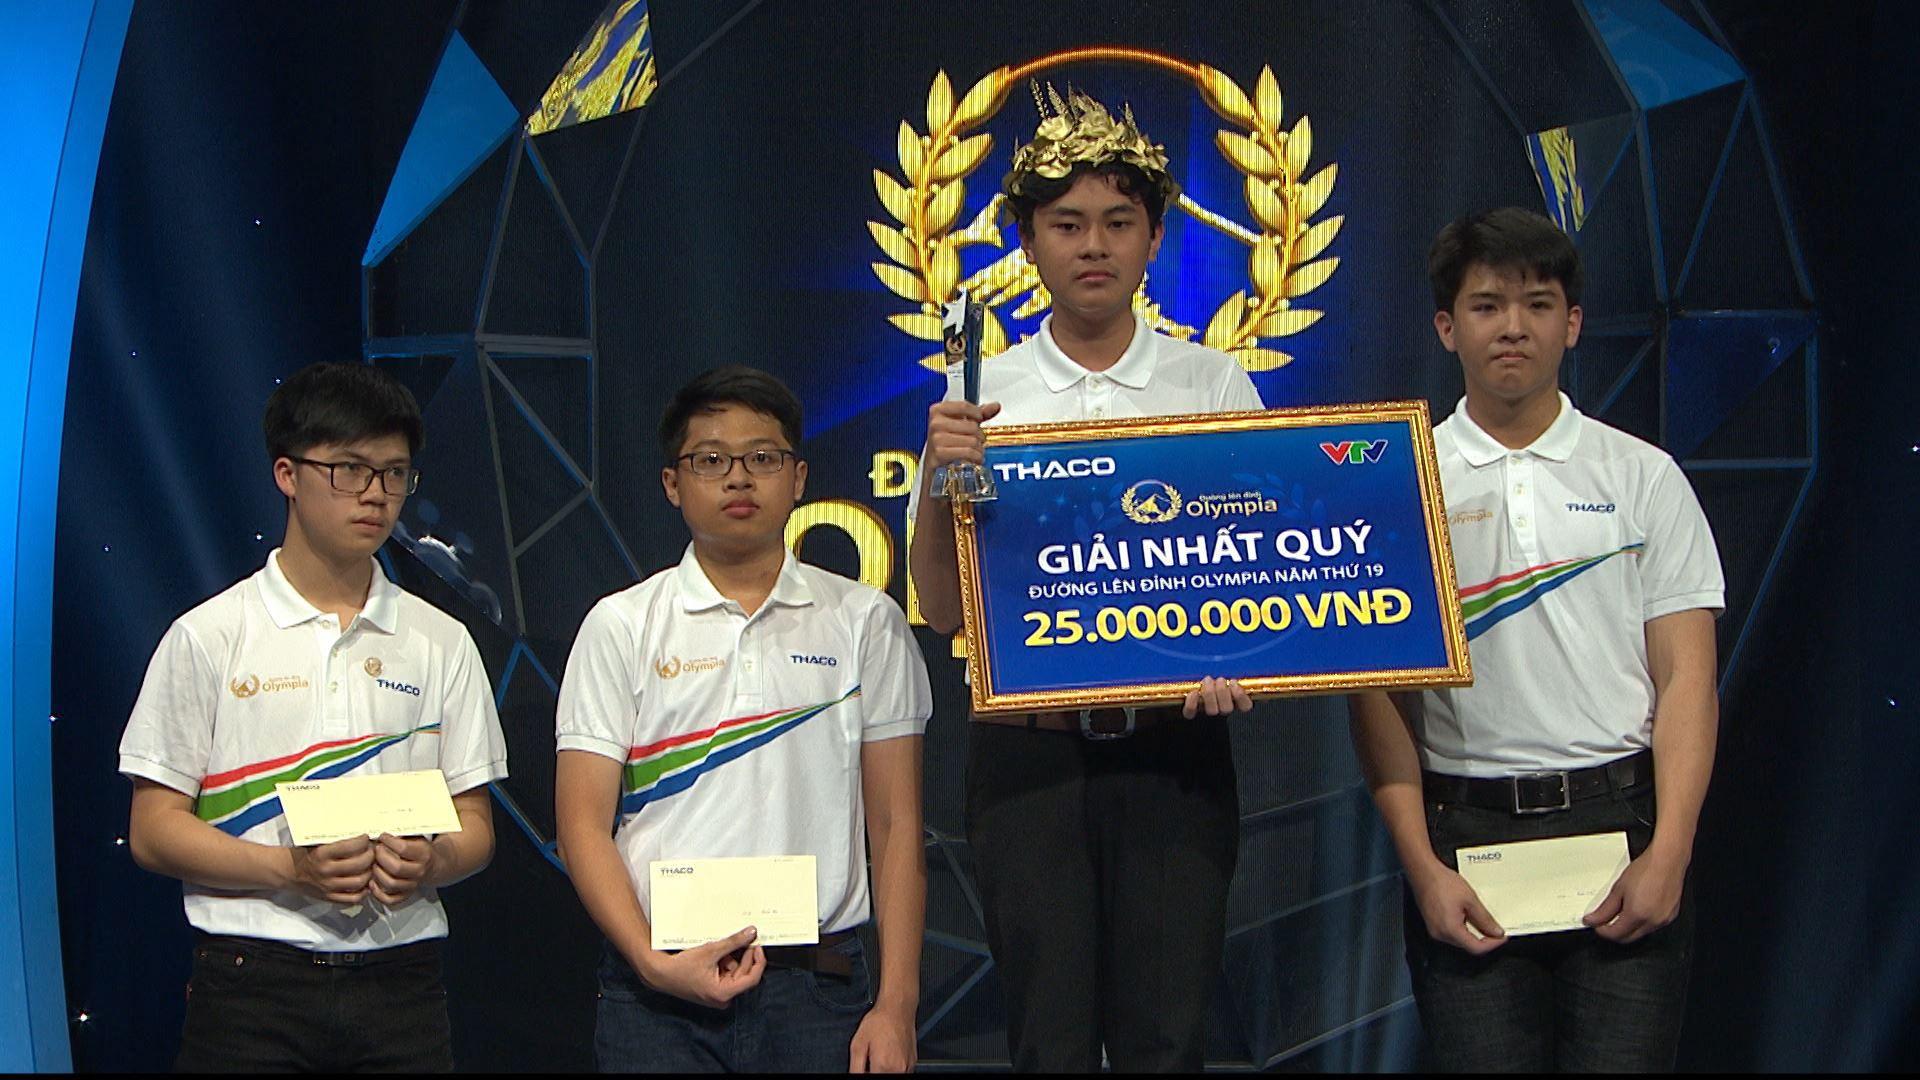 Chủ quan tại phần thi Về đích, hot boy Nghệ An khiến khán giả bật khóc nức nở vì tuột mất cơ hội vào Chung kết năm Olympia 2019 - Ảnh 3.